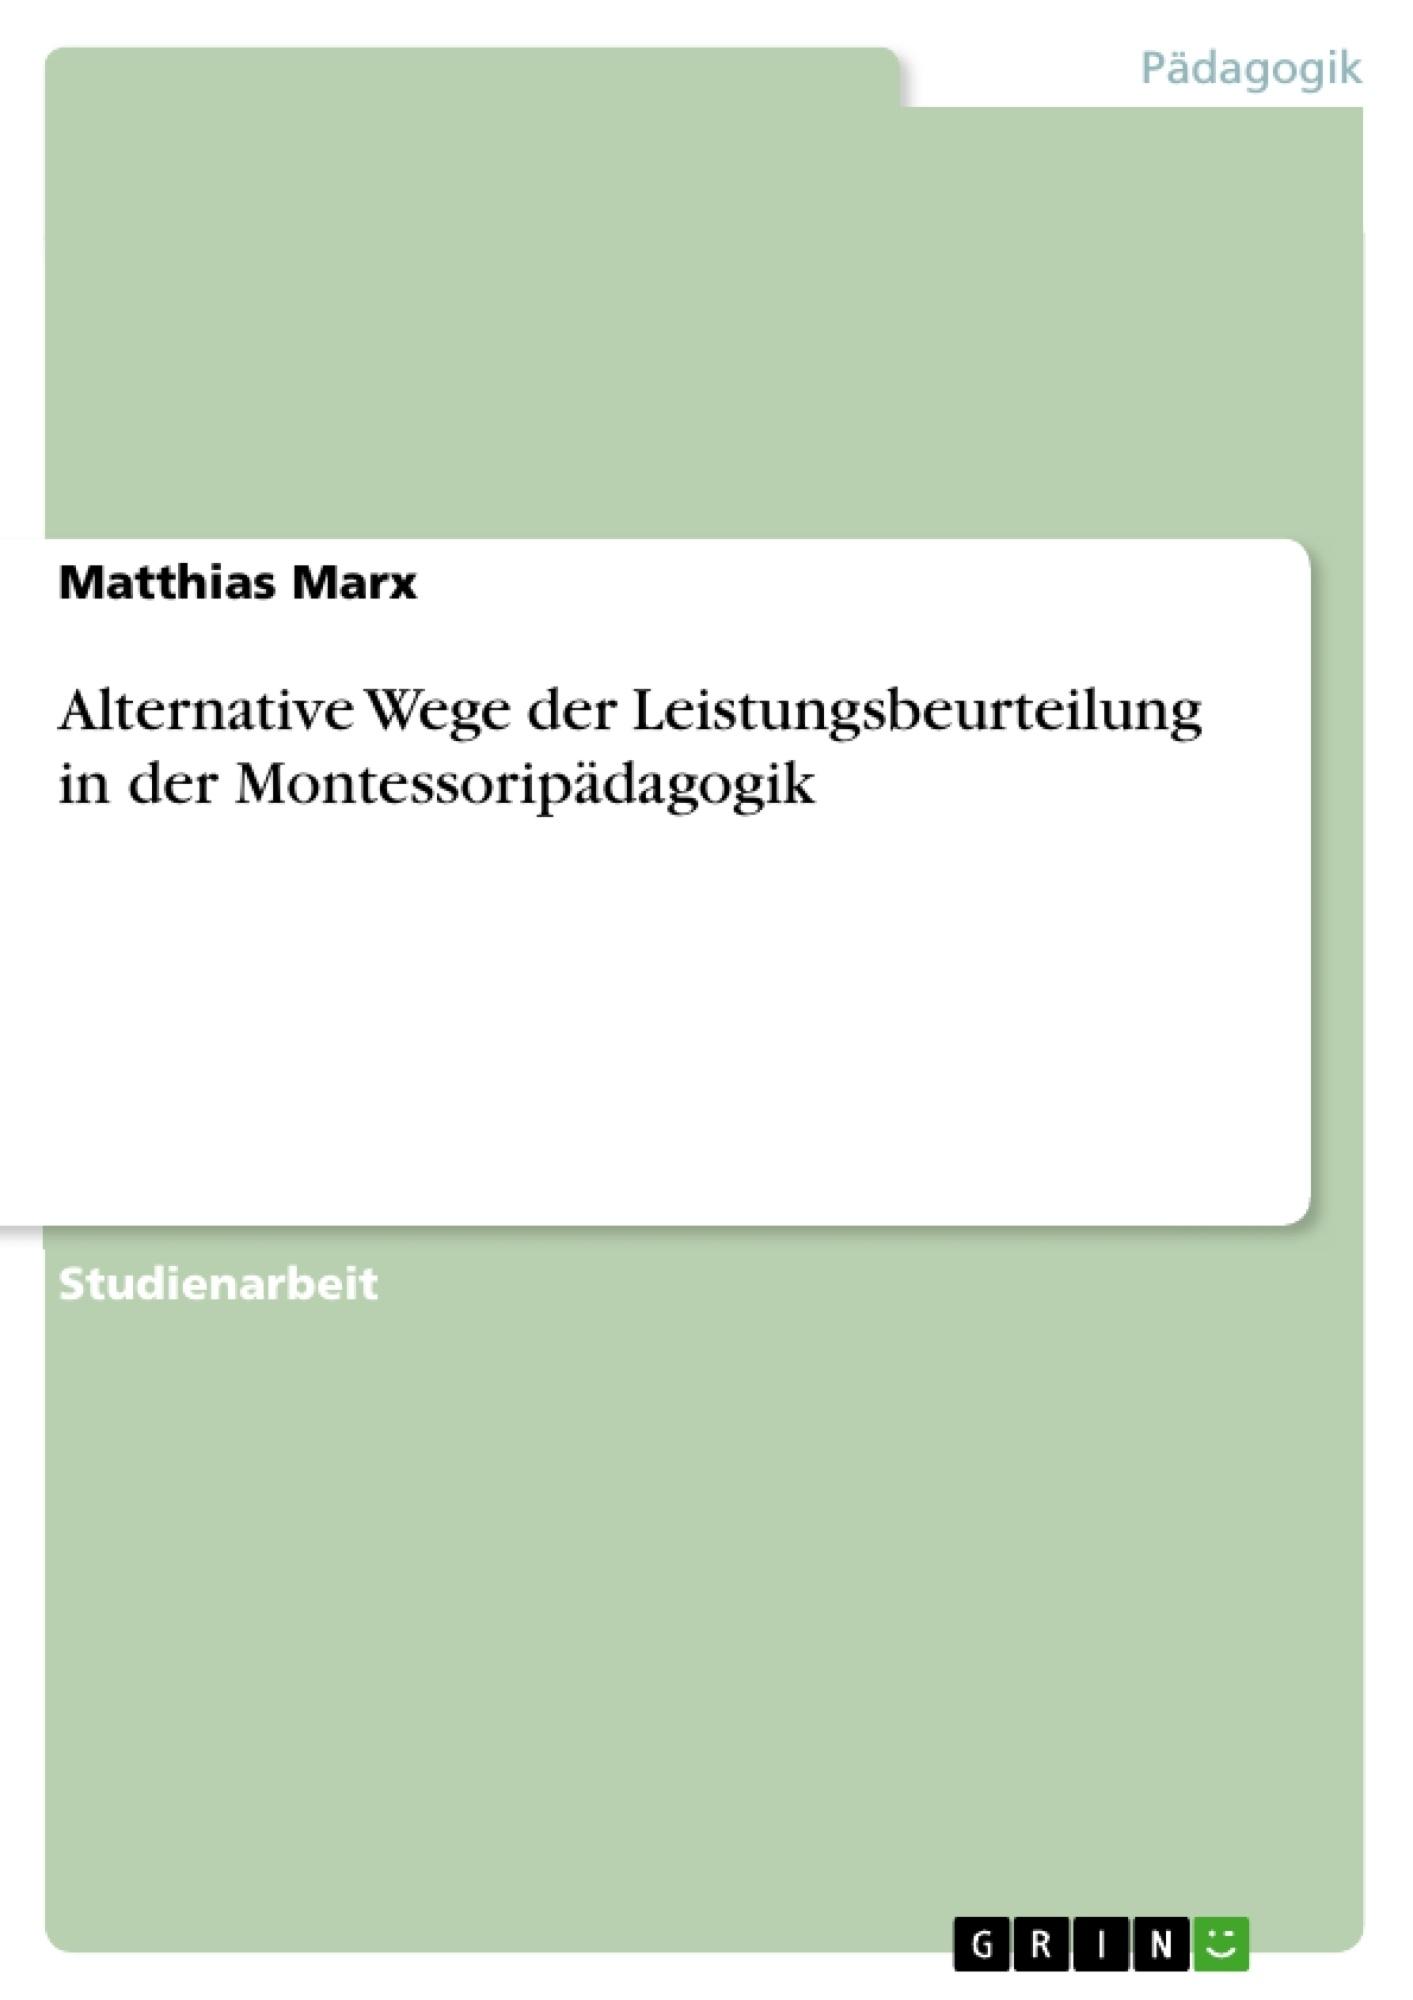 Titel: Alternative Wege der Leistungsbeurteilung in der Montessoripädagogik